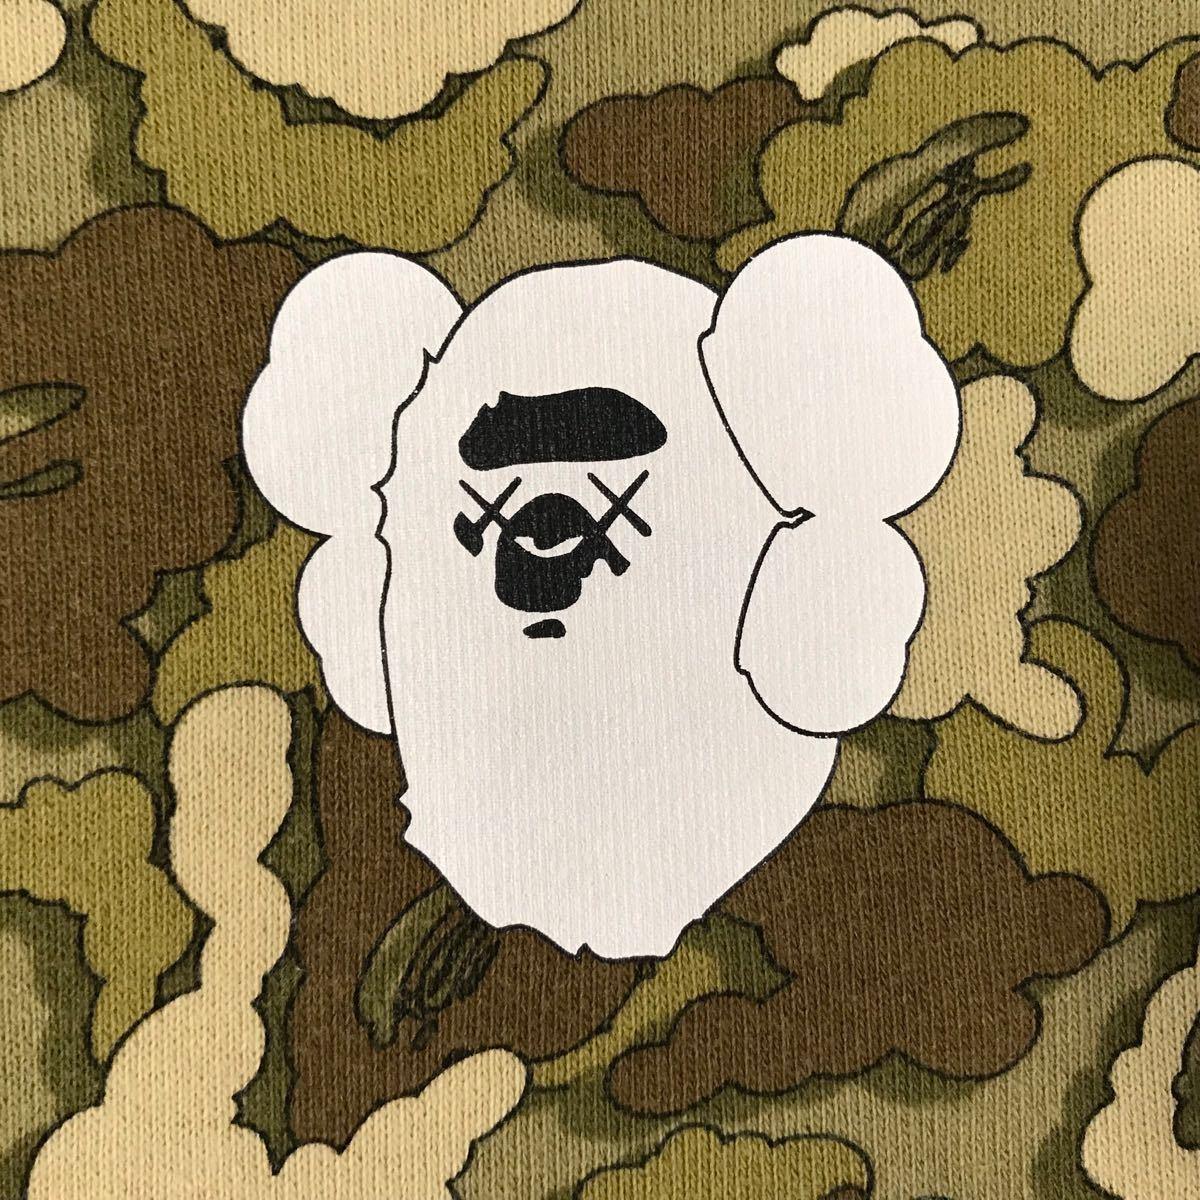 ★リバーシブル★ kaws bape レディース cloud camo 長袖スウェット a bathing ape apee カウズ エイプ ベイプ アベイシングエイプ ladies